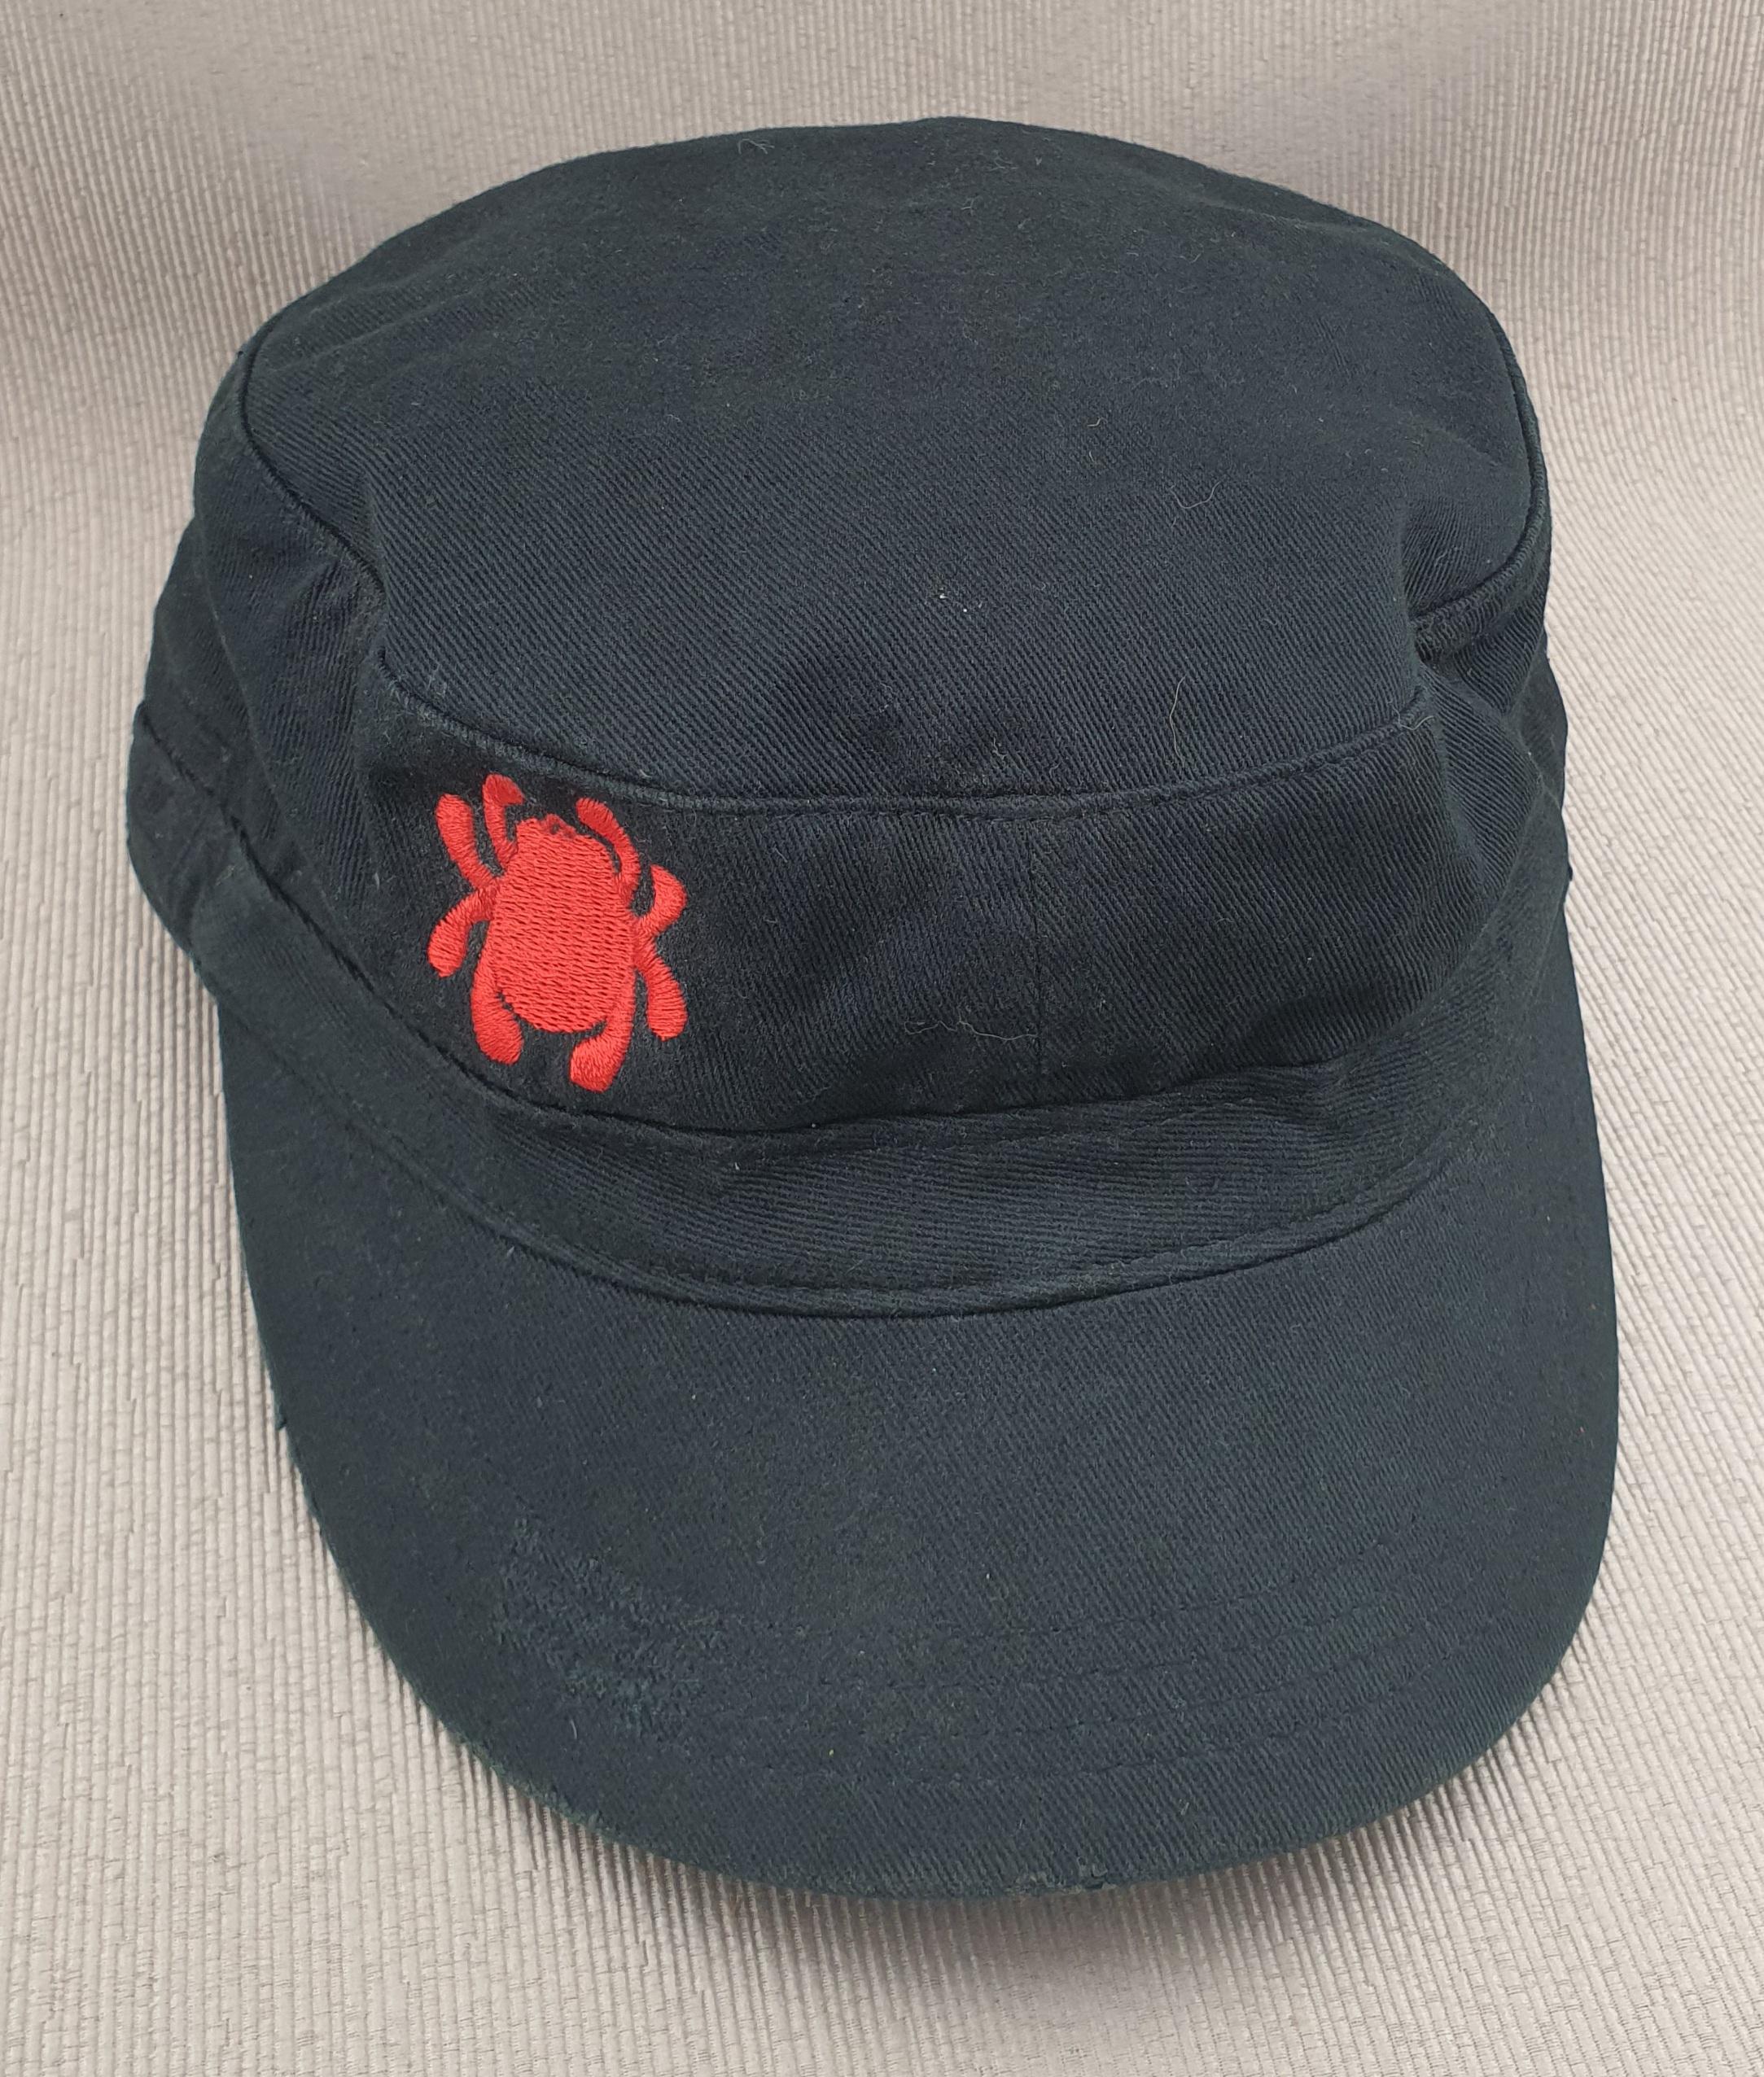 Spyderco Hat 4